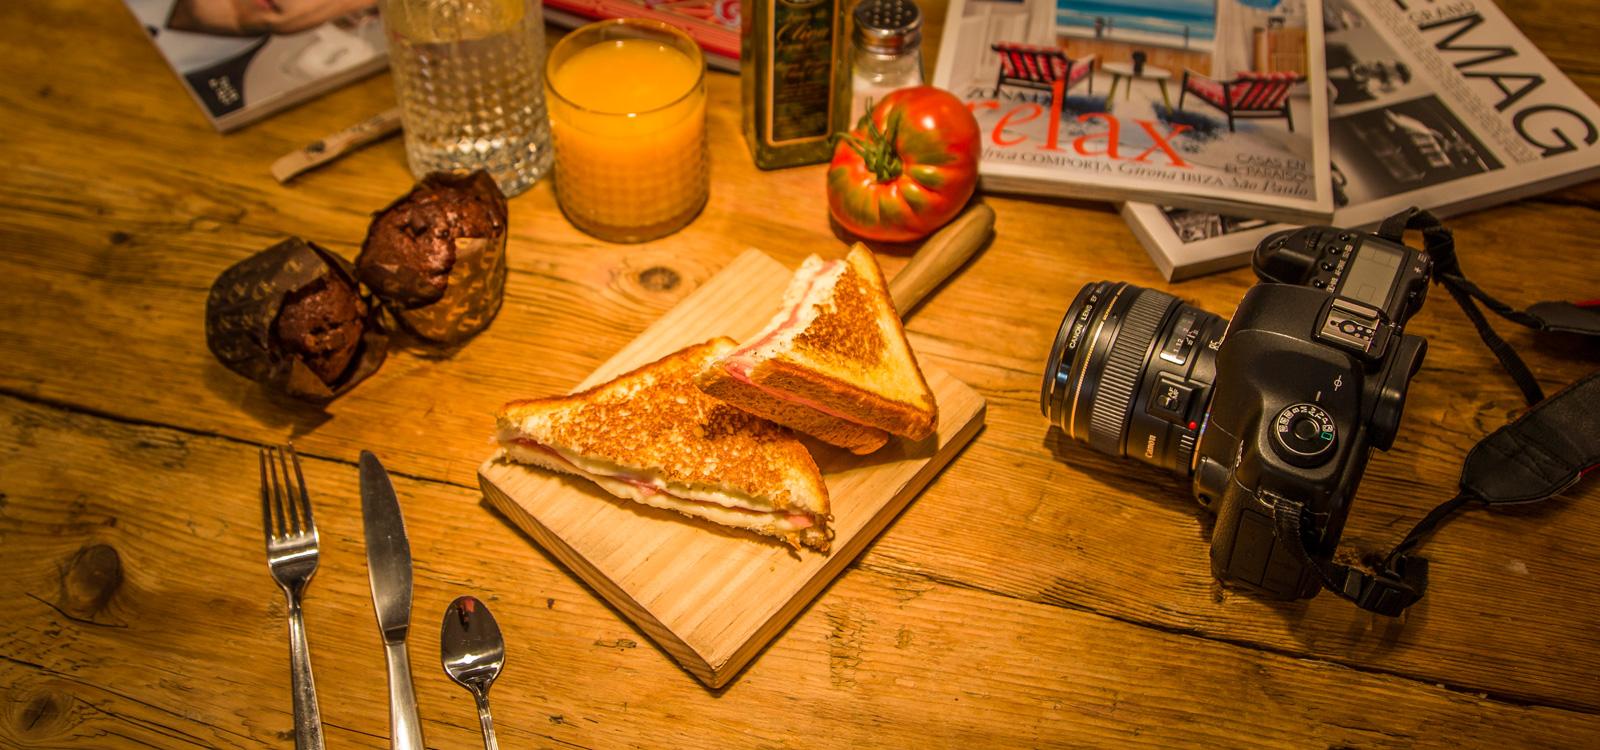 Fotógrafo de producto desayunos lady madonna